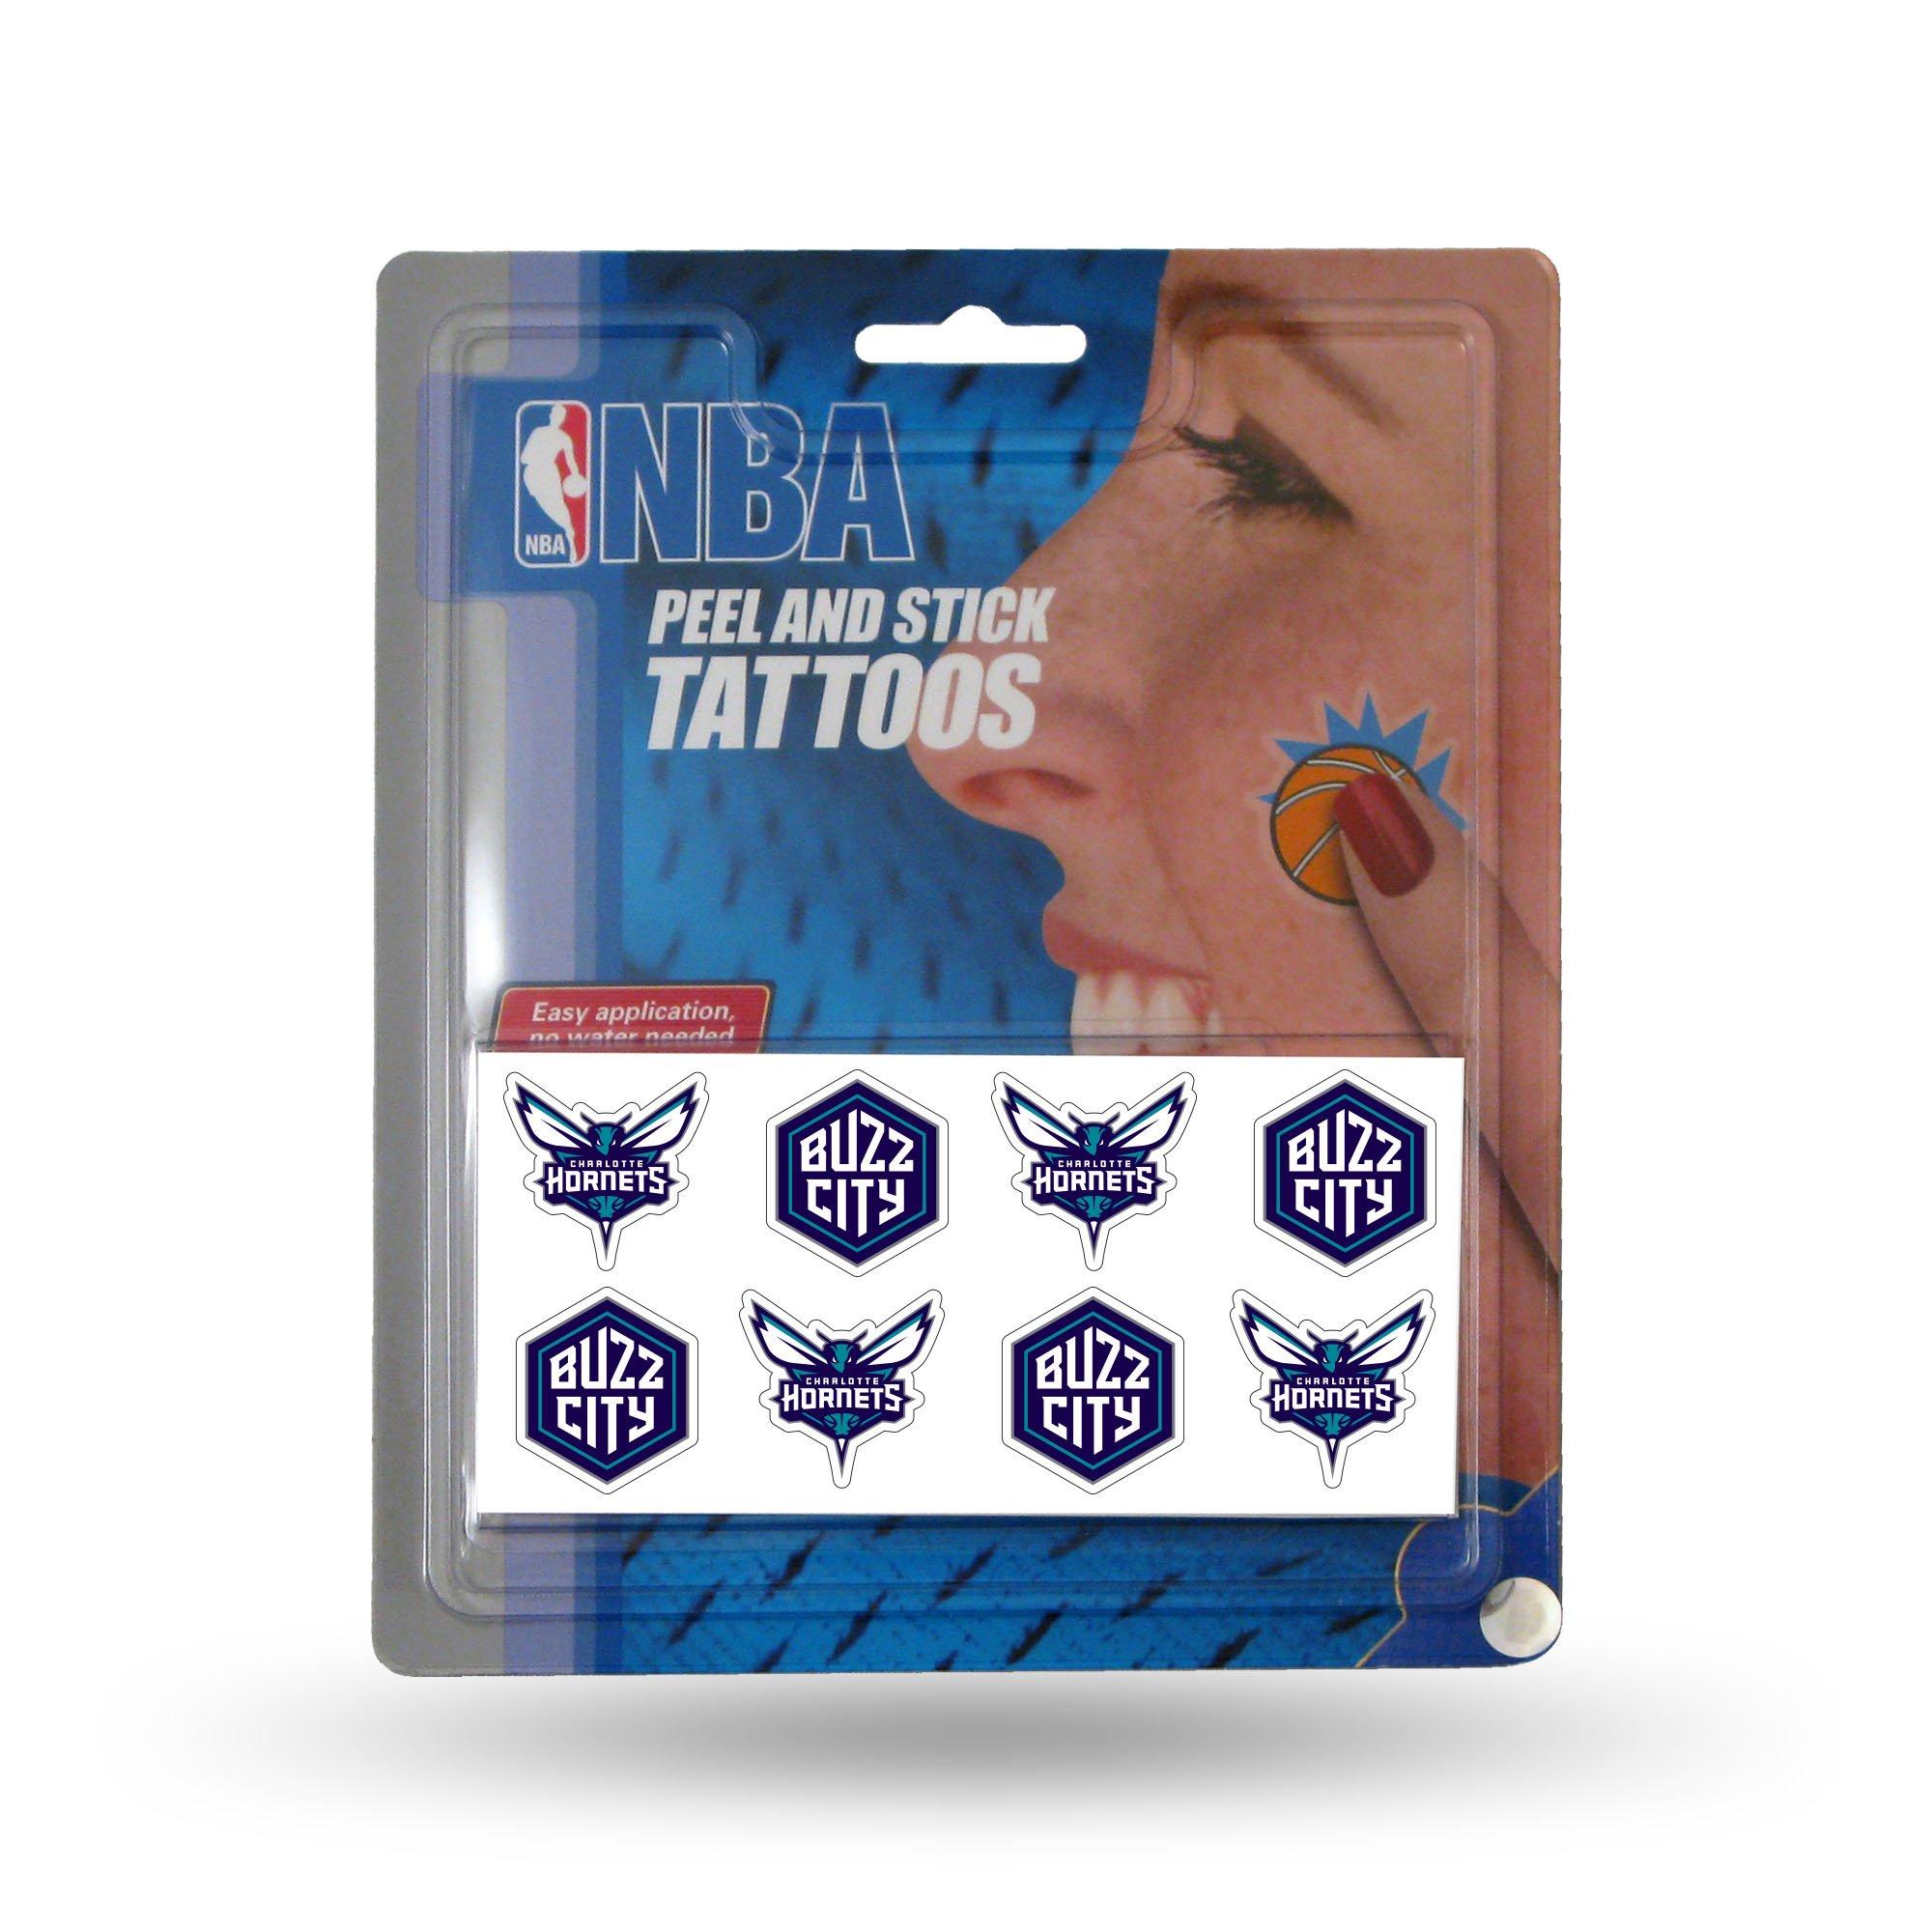 NBA Charlotte Hornets Face Tattoos, 8-Piece Set